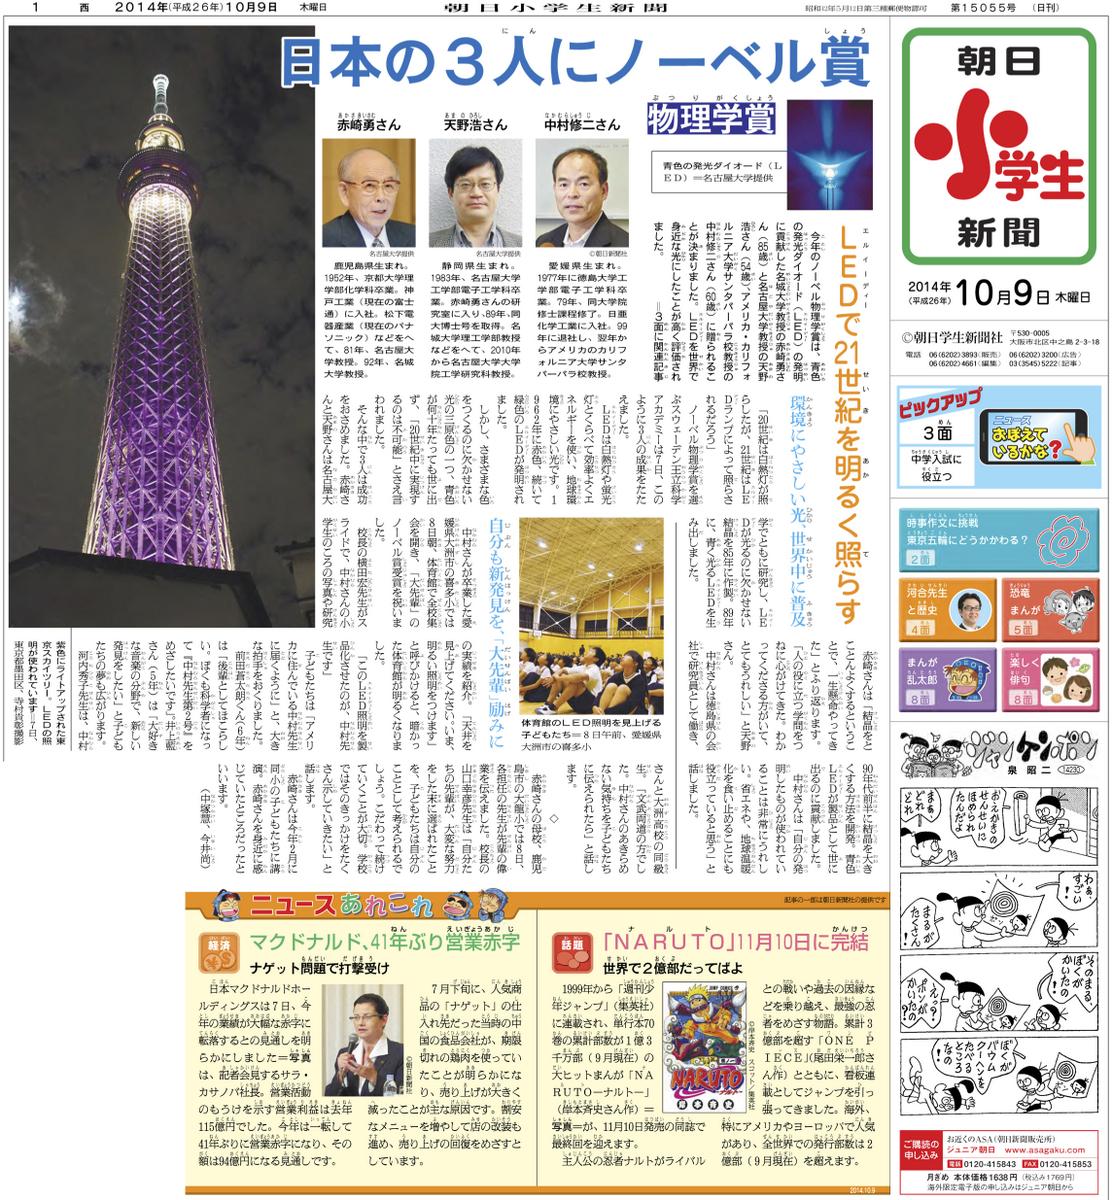 海外にいても日本のニュースに毎...